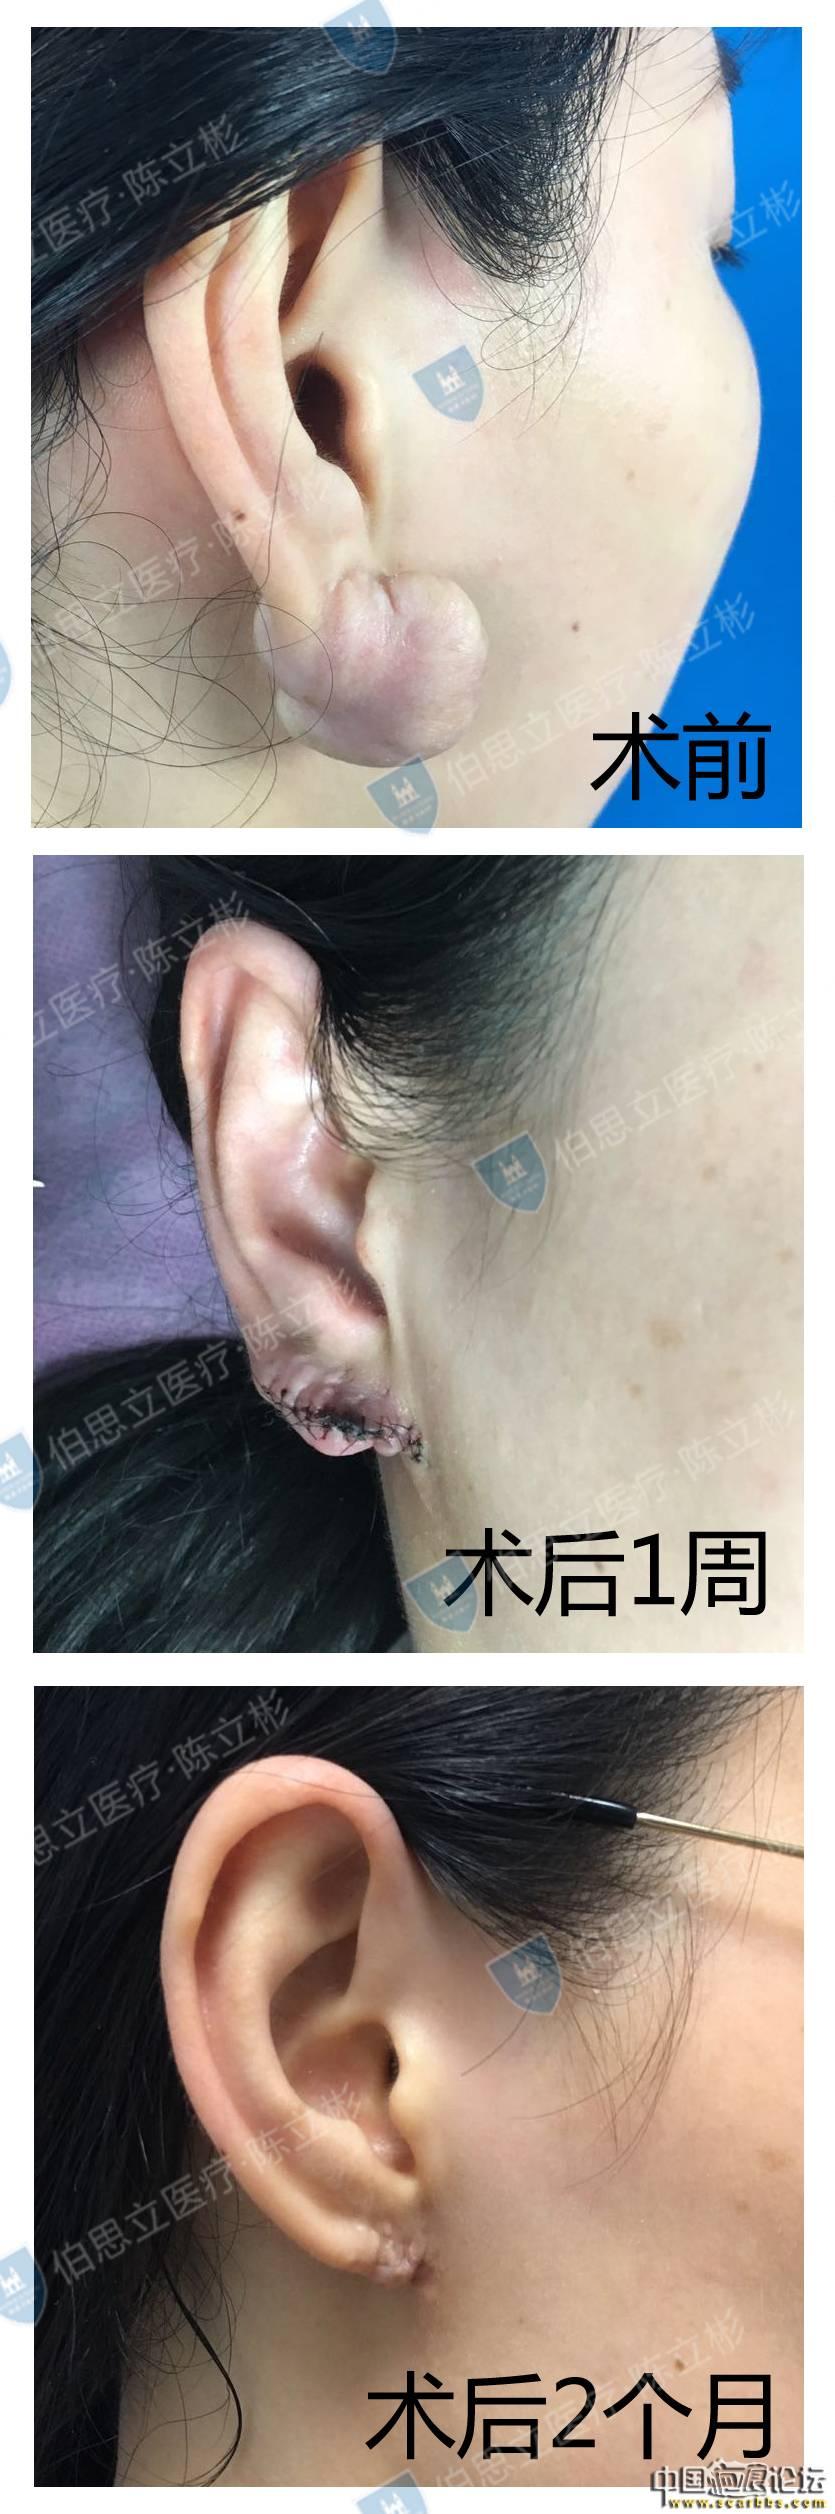 耳部疤痕疙瘩治疗术后2个月反馈